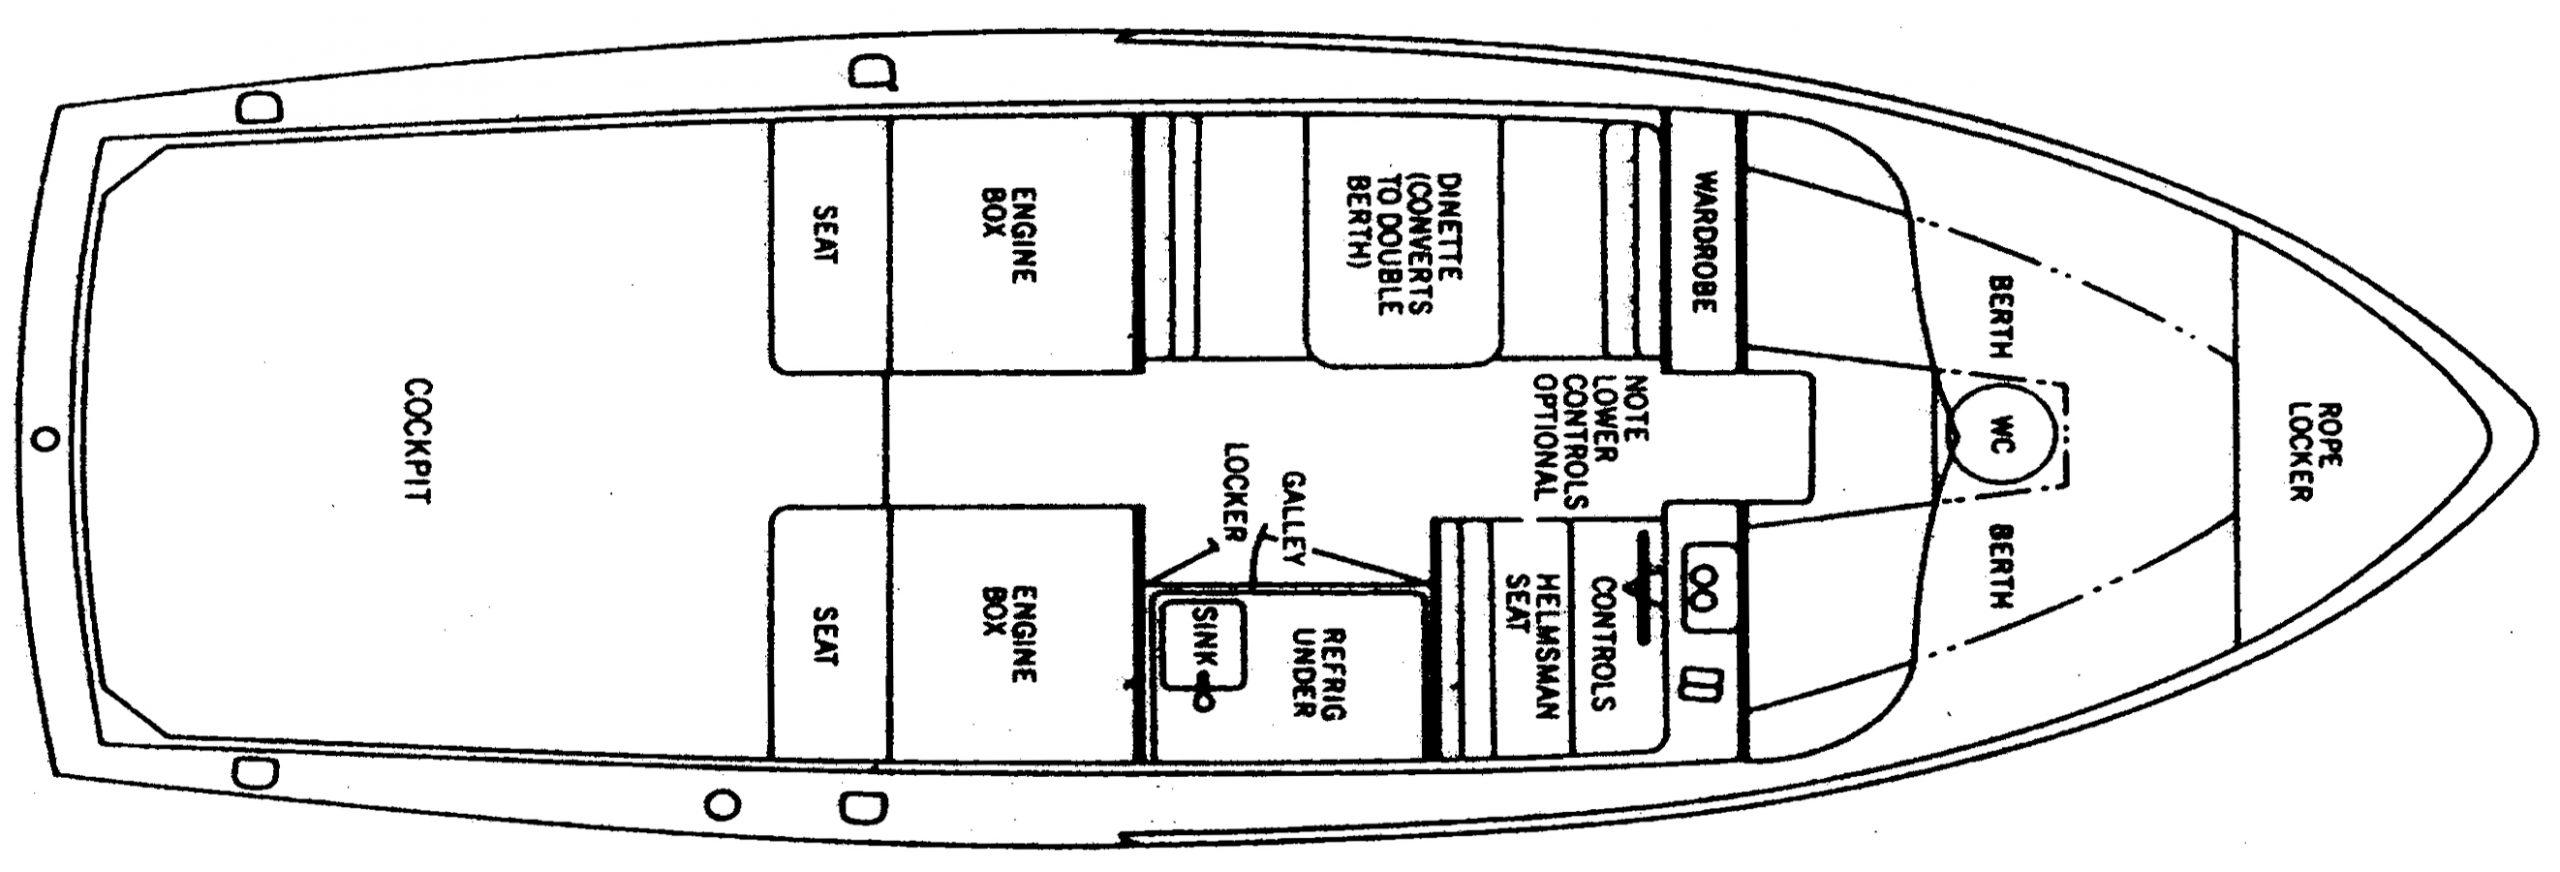 Bertram 31 Flybridge Cruiser Floor Plan 2